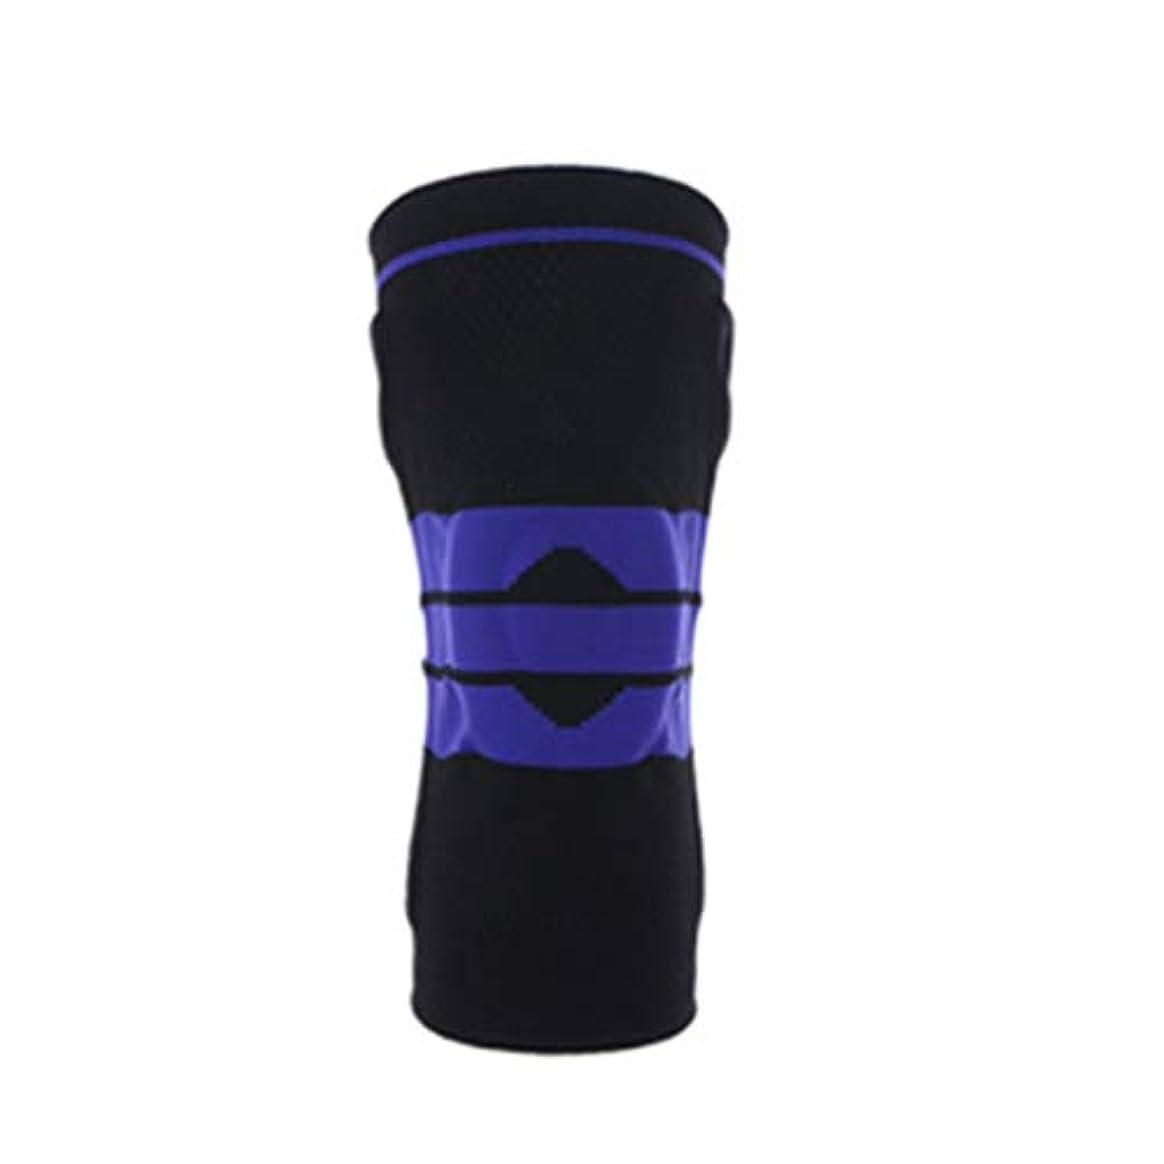 副産物ライトニング帽子男性と女性のスポーツ膝パッドシリコーンスプリングニット膝パッドバスケットボール-Rustle666